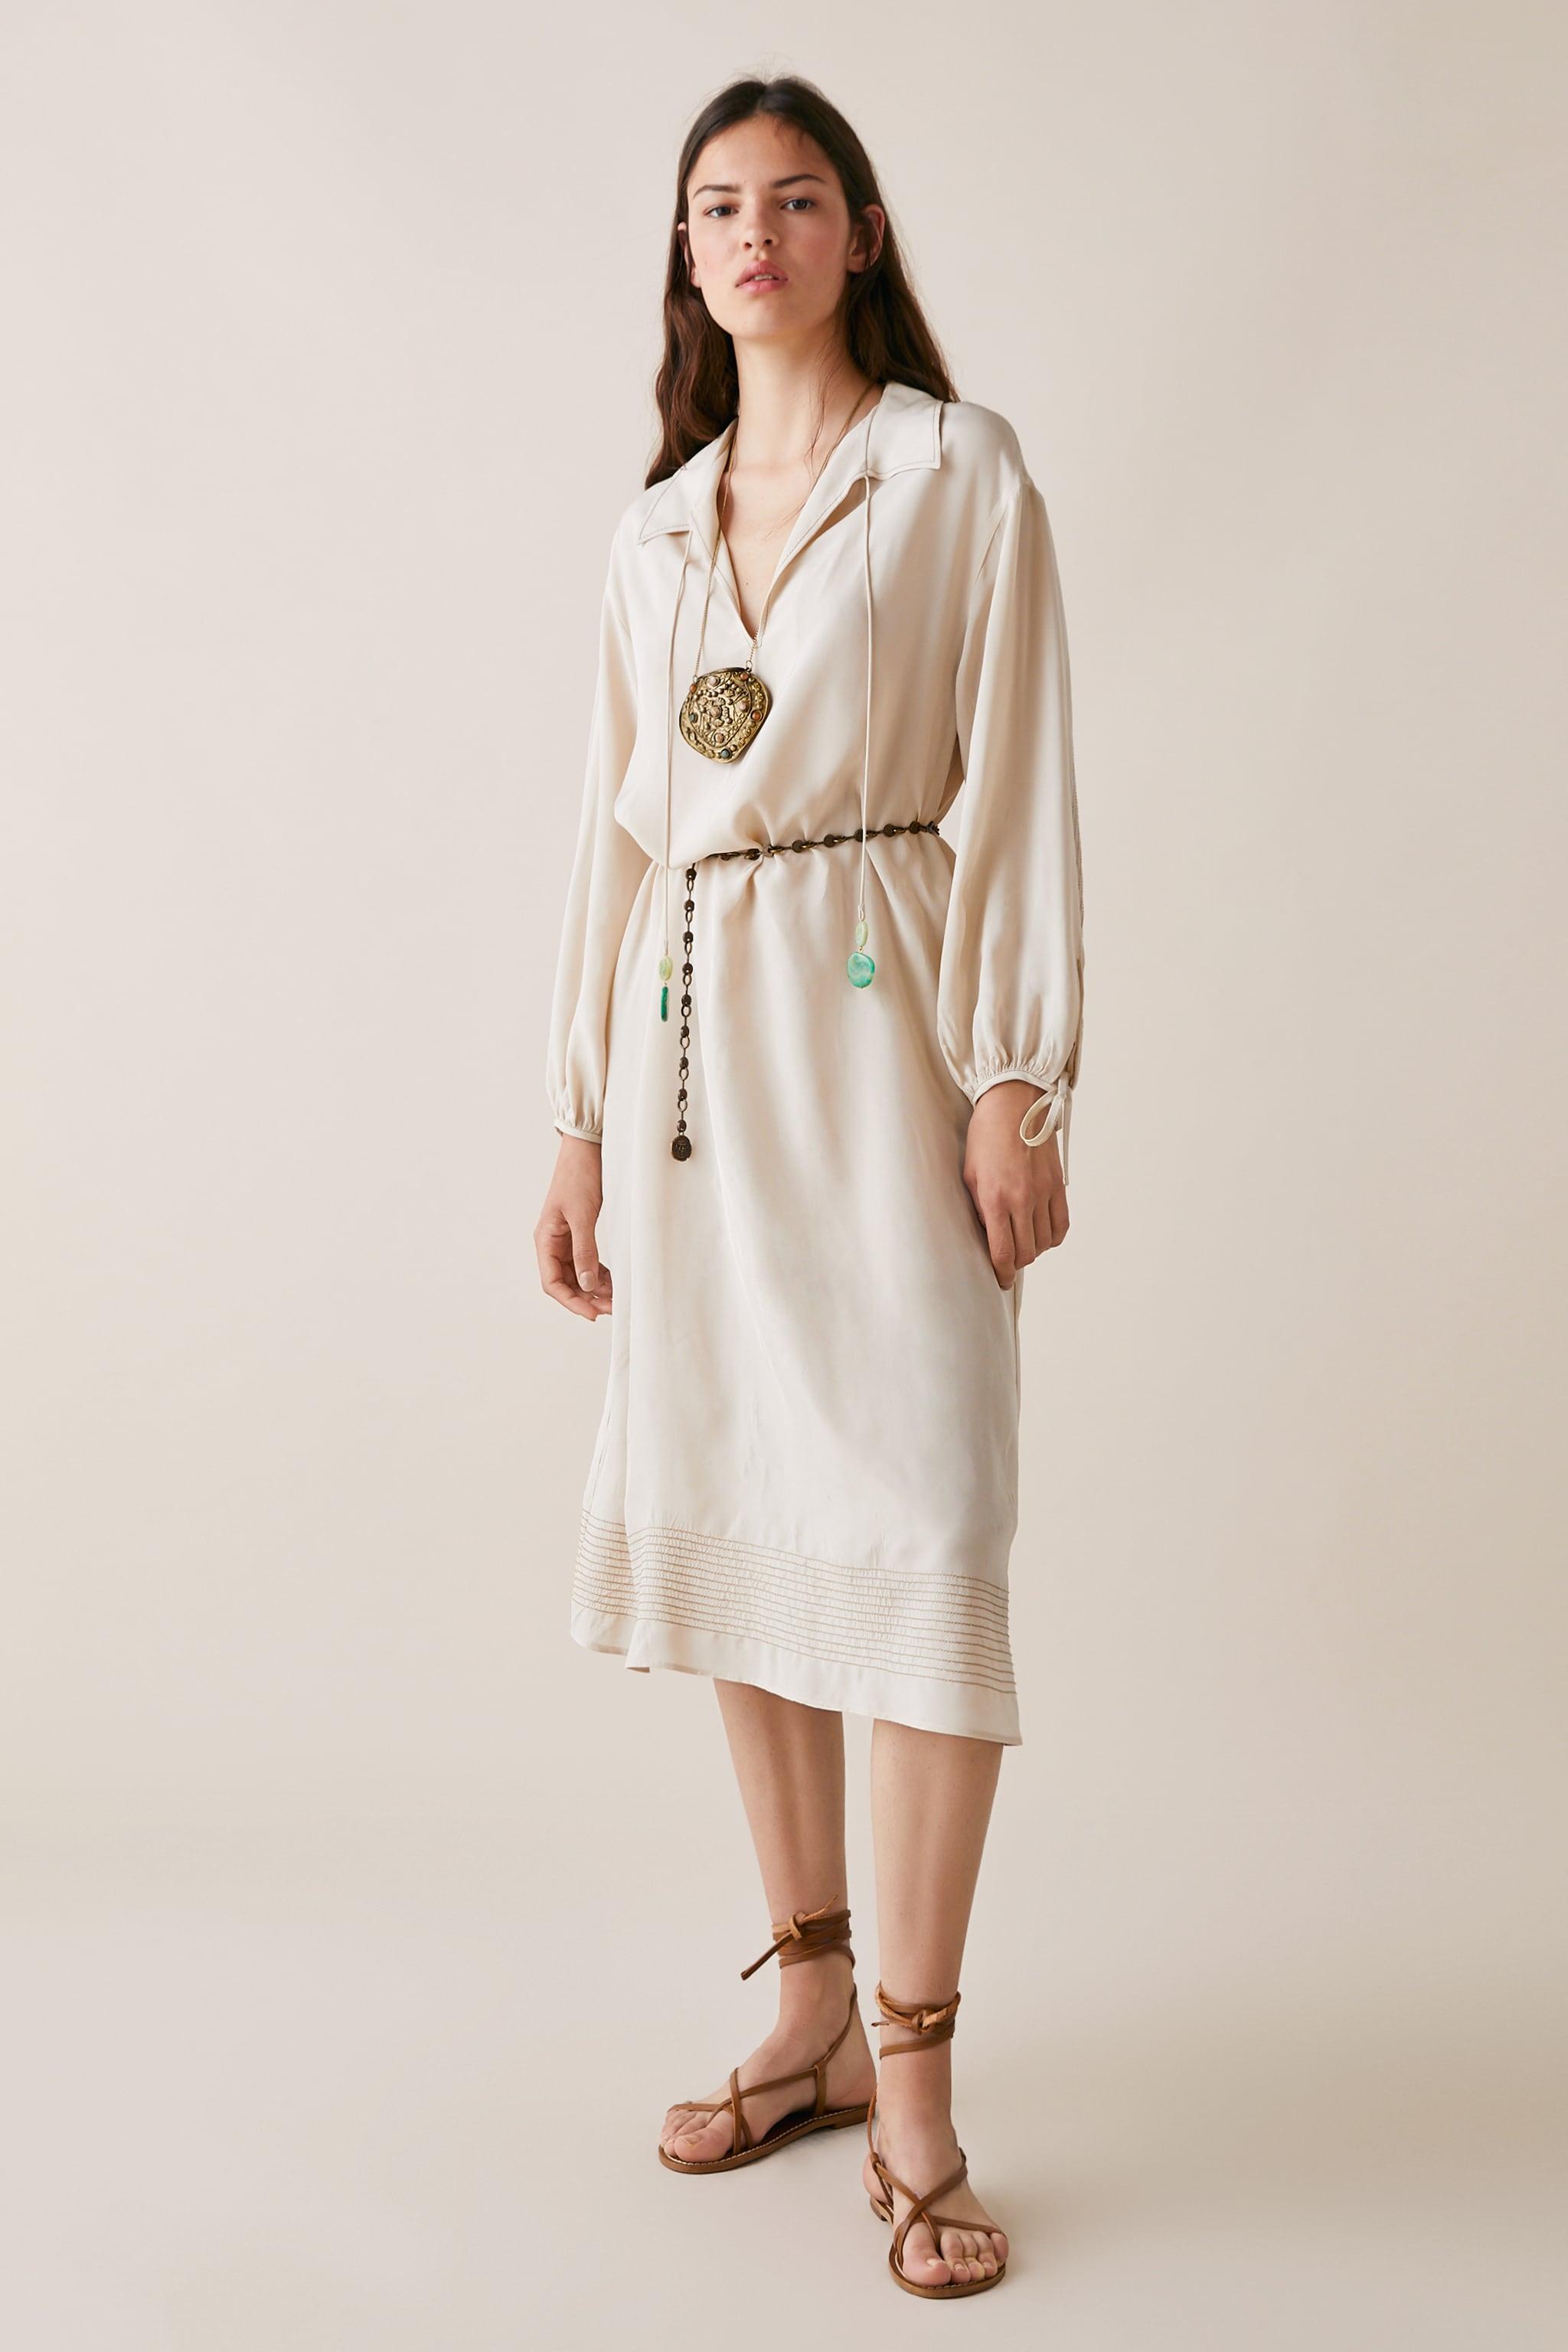 Zara LIMITED EDITION ZARA STUDIO BEADED TIE DRESS